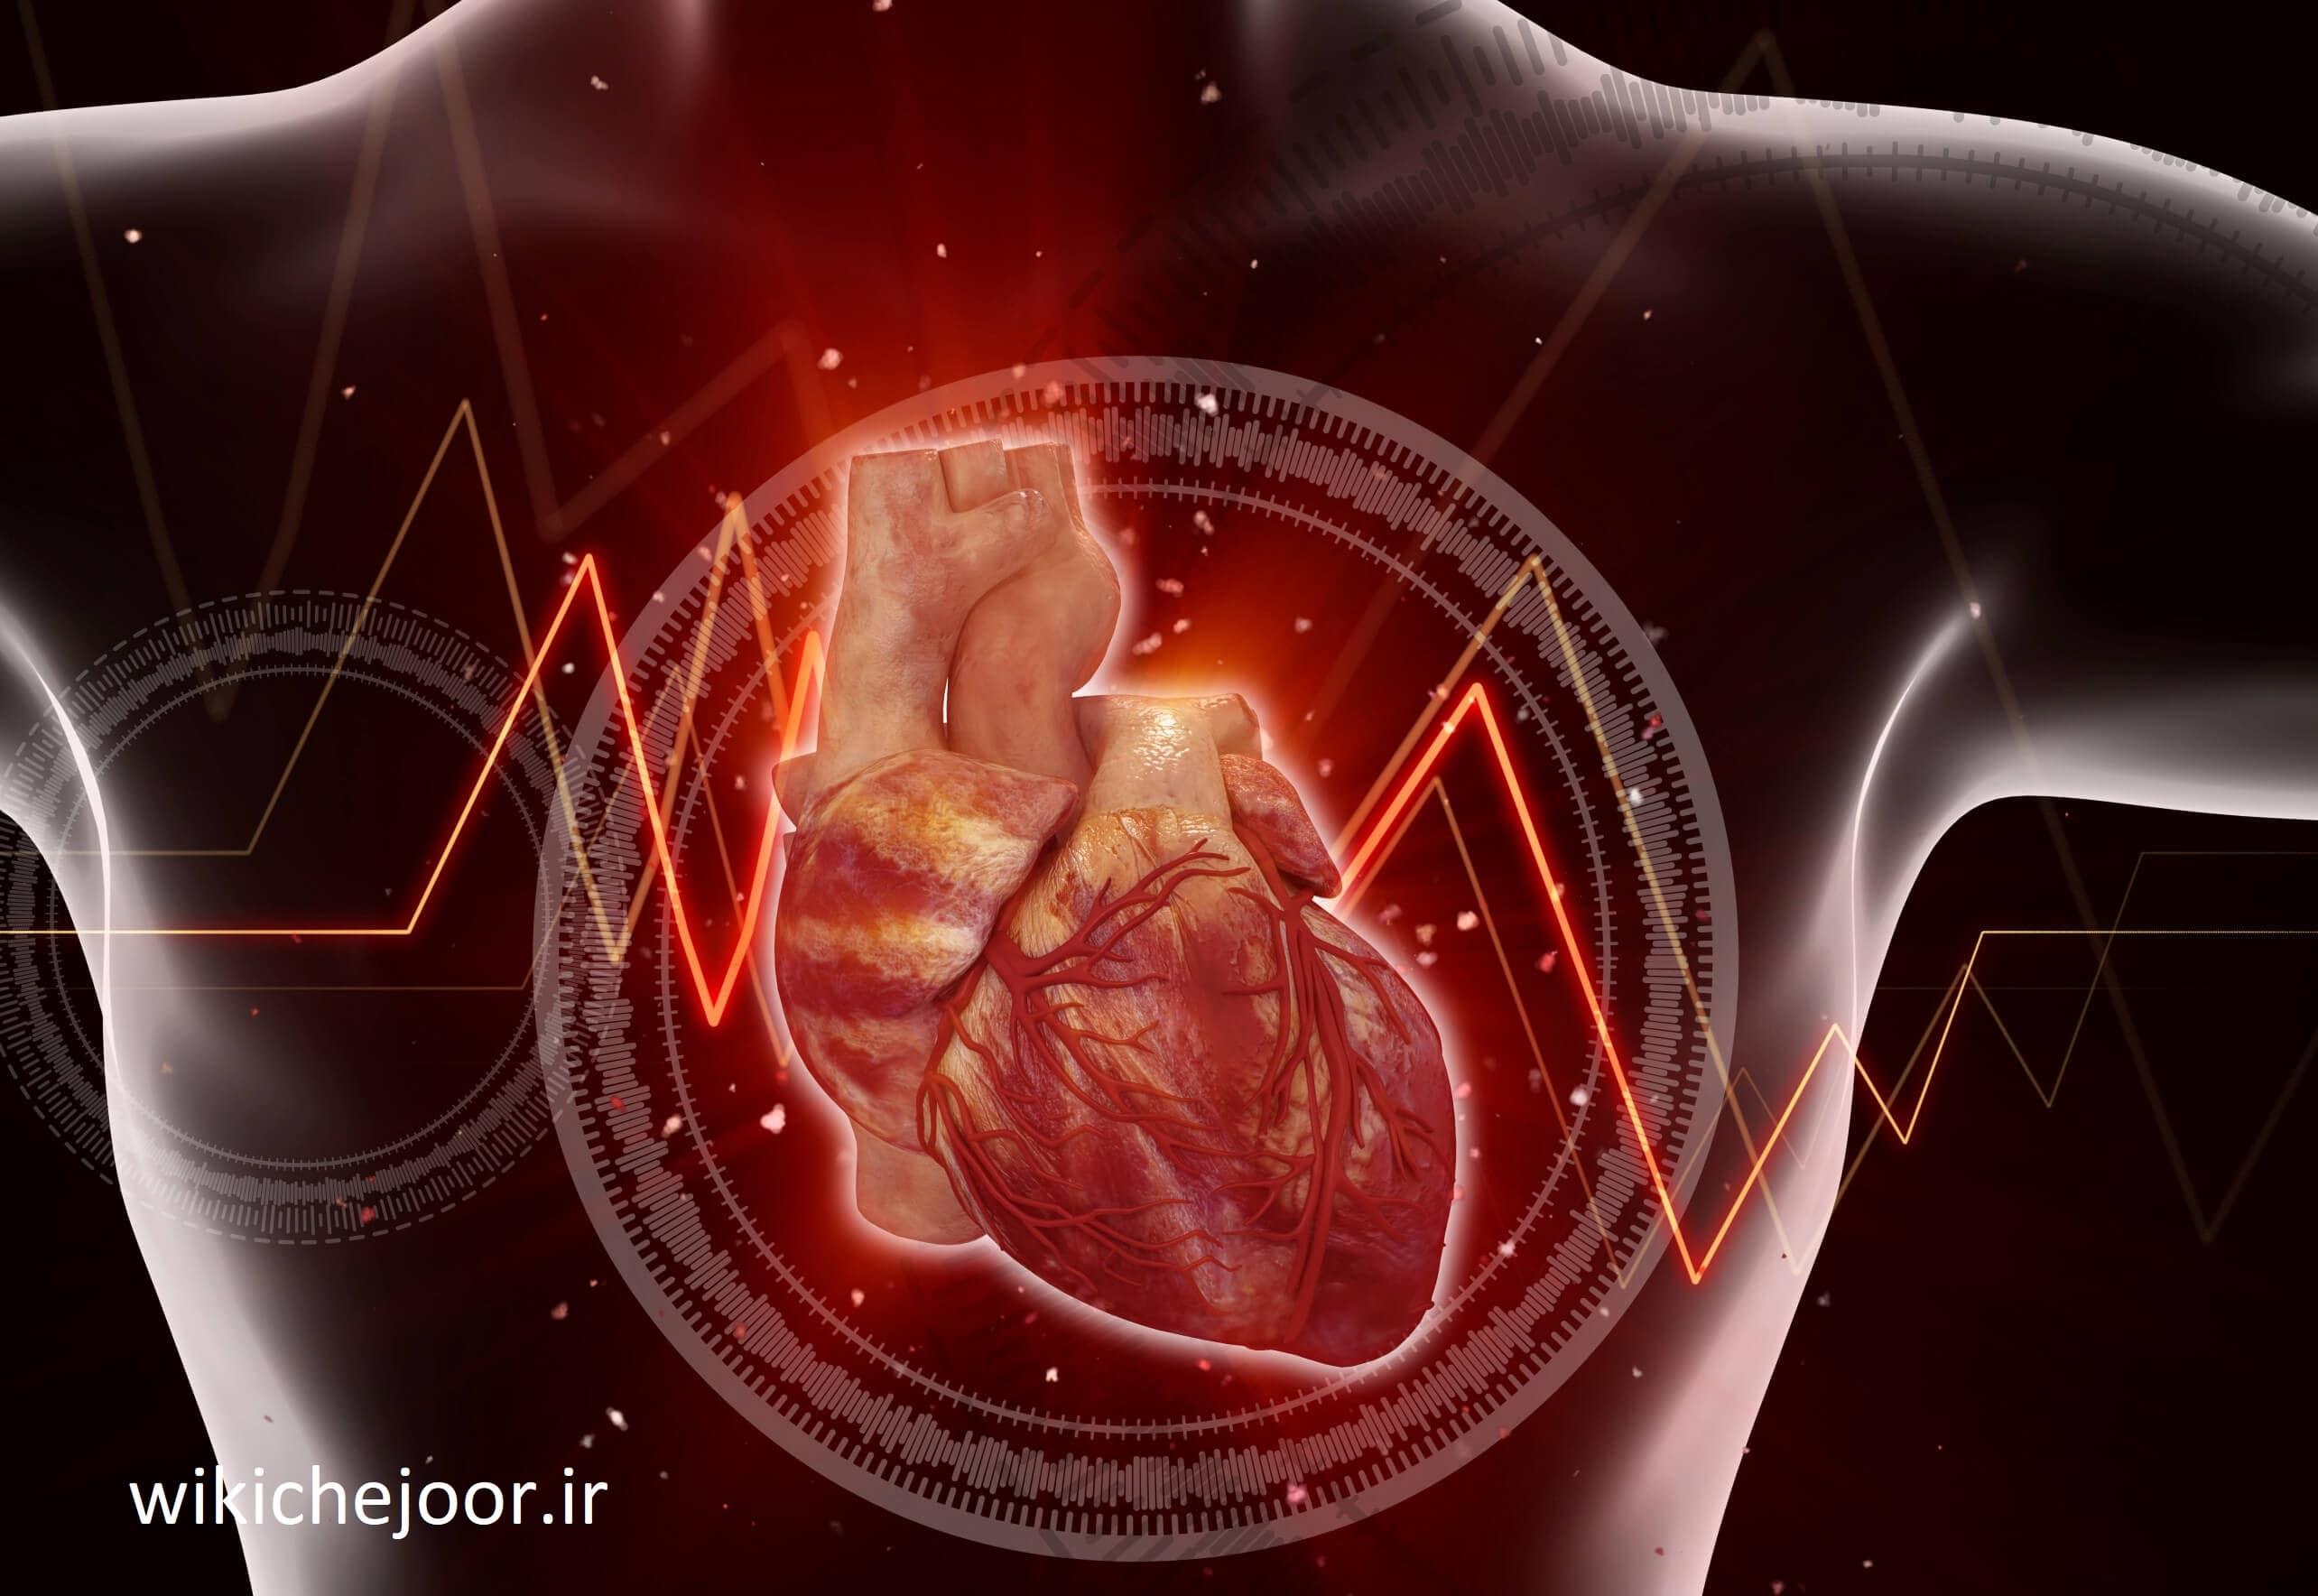 چگونه خطر ابتلا به بیماری کرونر قلبی را کاهش دهیم؟